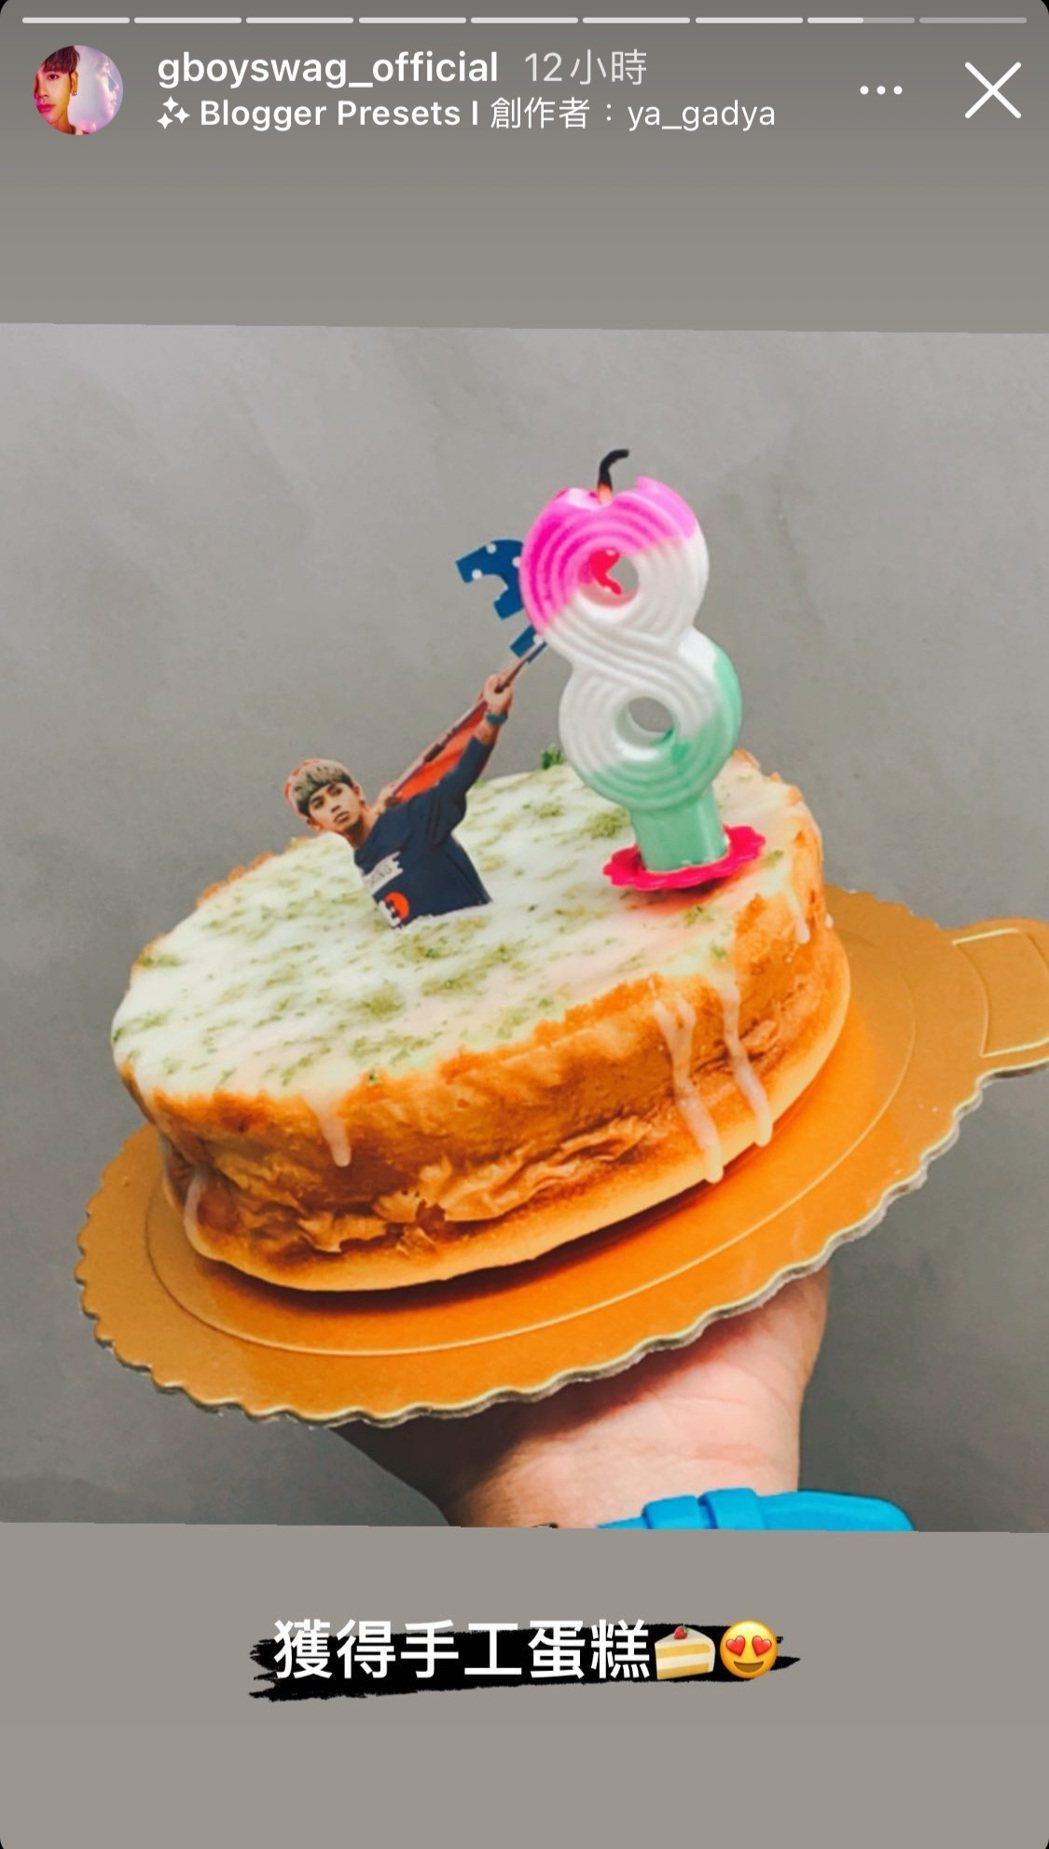 鼓鼓開心收下大元的手作蛋糕。圖/摘自IG